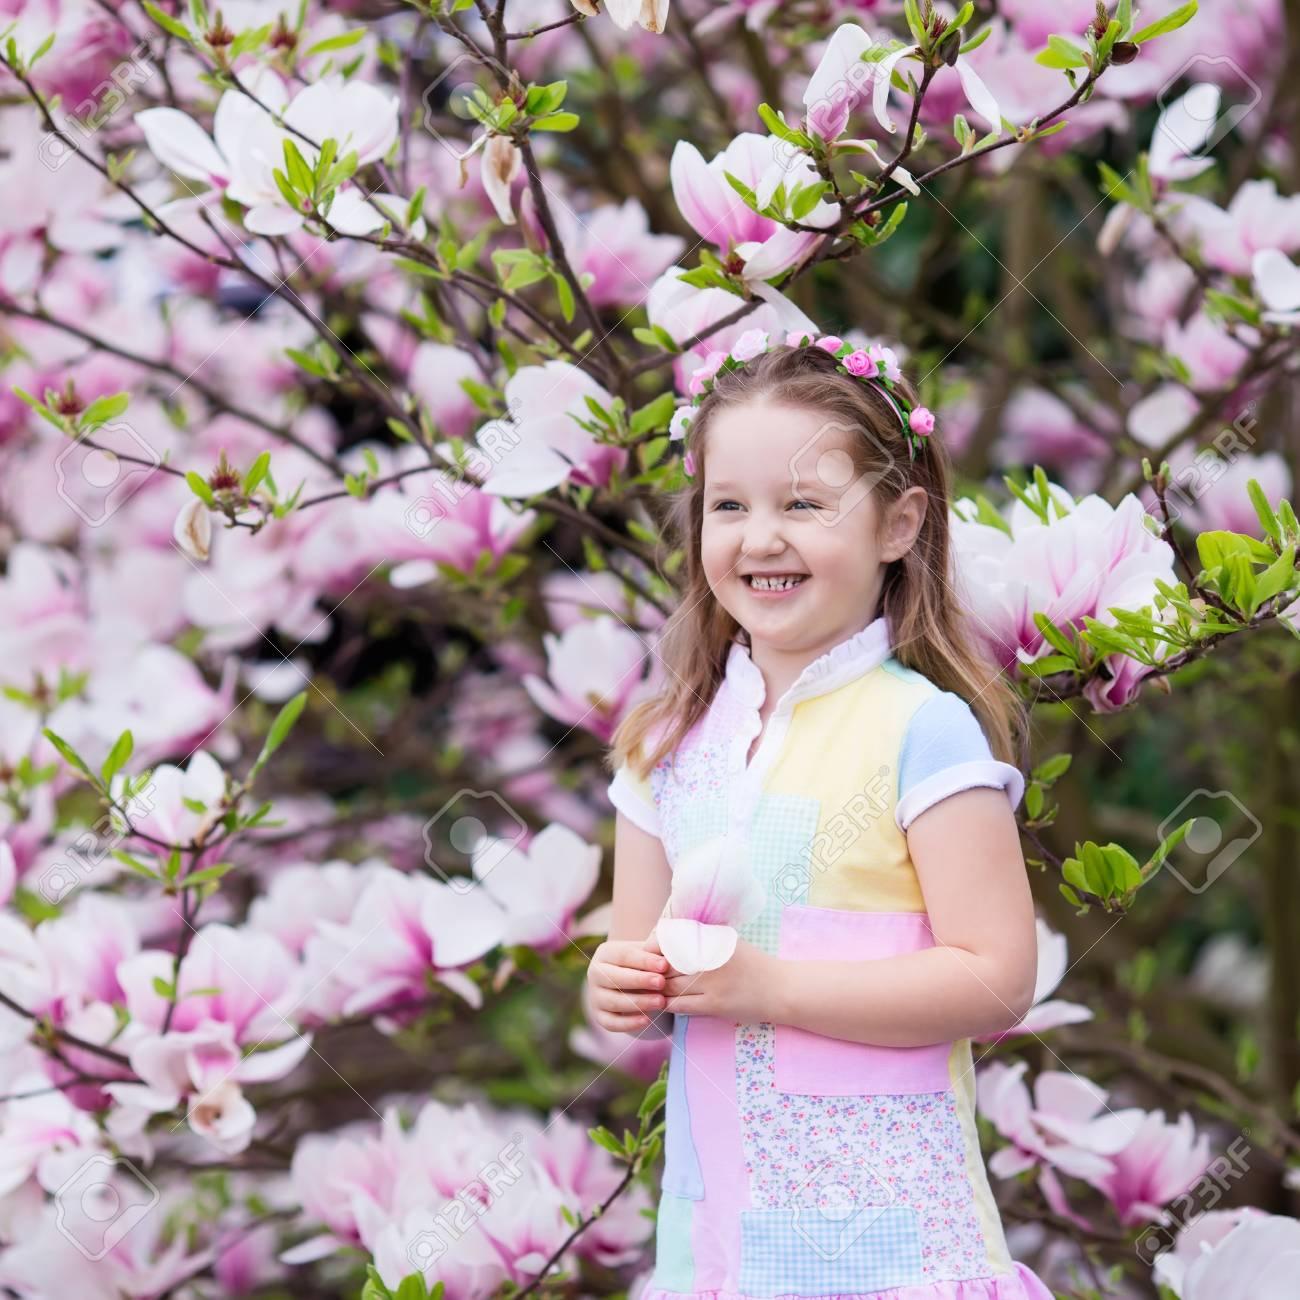 Niña Feliz En El Vestido De Color Pastel Y Una Corona De Flores Juega Bajo El árbol De Magnolia Rosa Recogiendo Flores Grandes En Jardín Floreciente